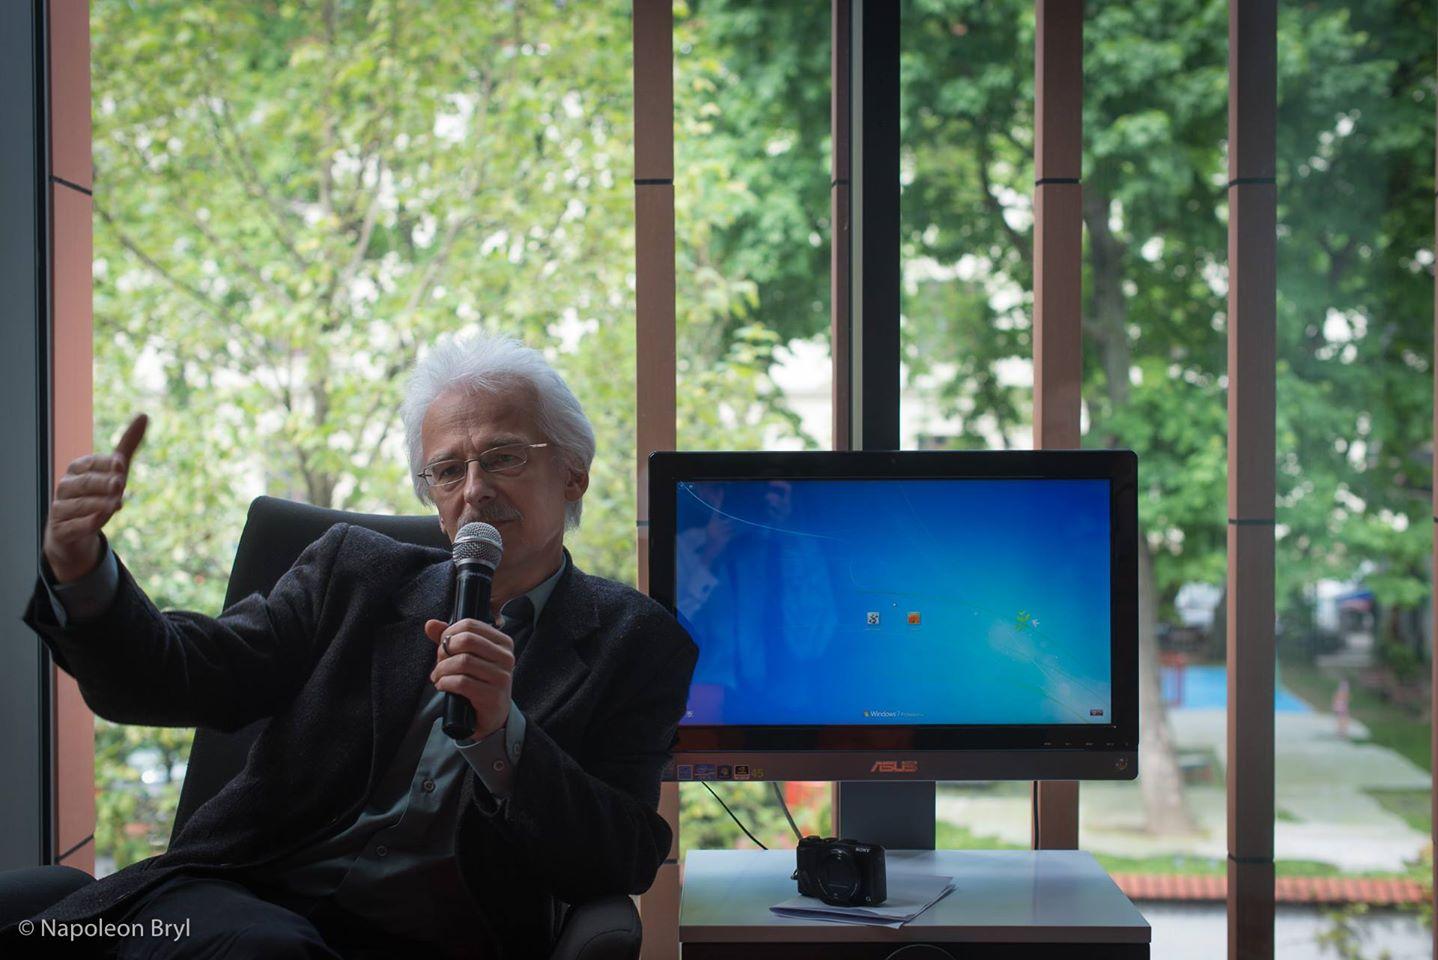 Powitanie gości na Konferencji Obszarów Sztuki przez Grzegorza Bilińskiego (WI ASP Kraków)